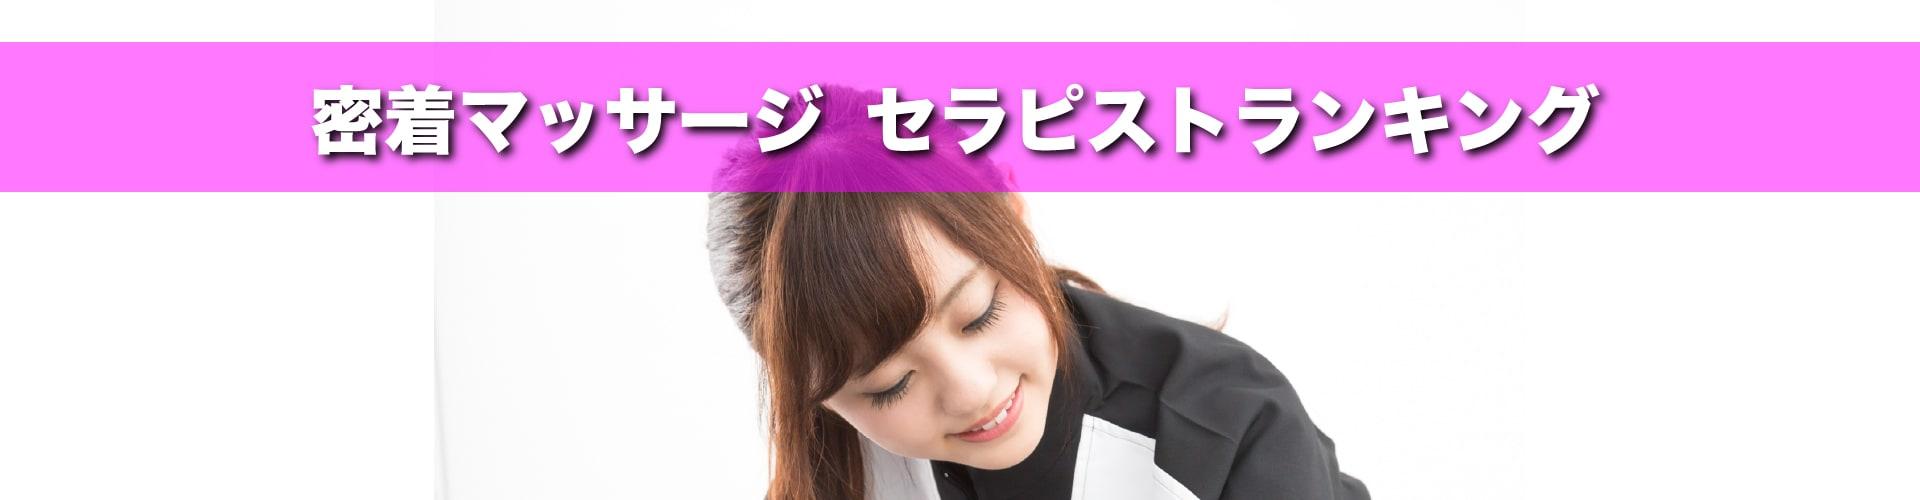 メンズエステ探しならChoi-Es(チョイエス)大阪